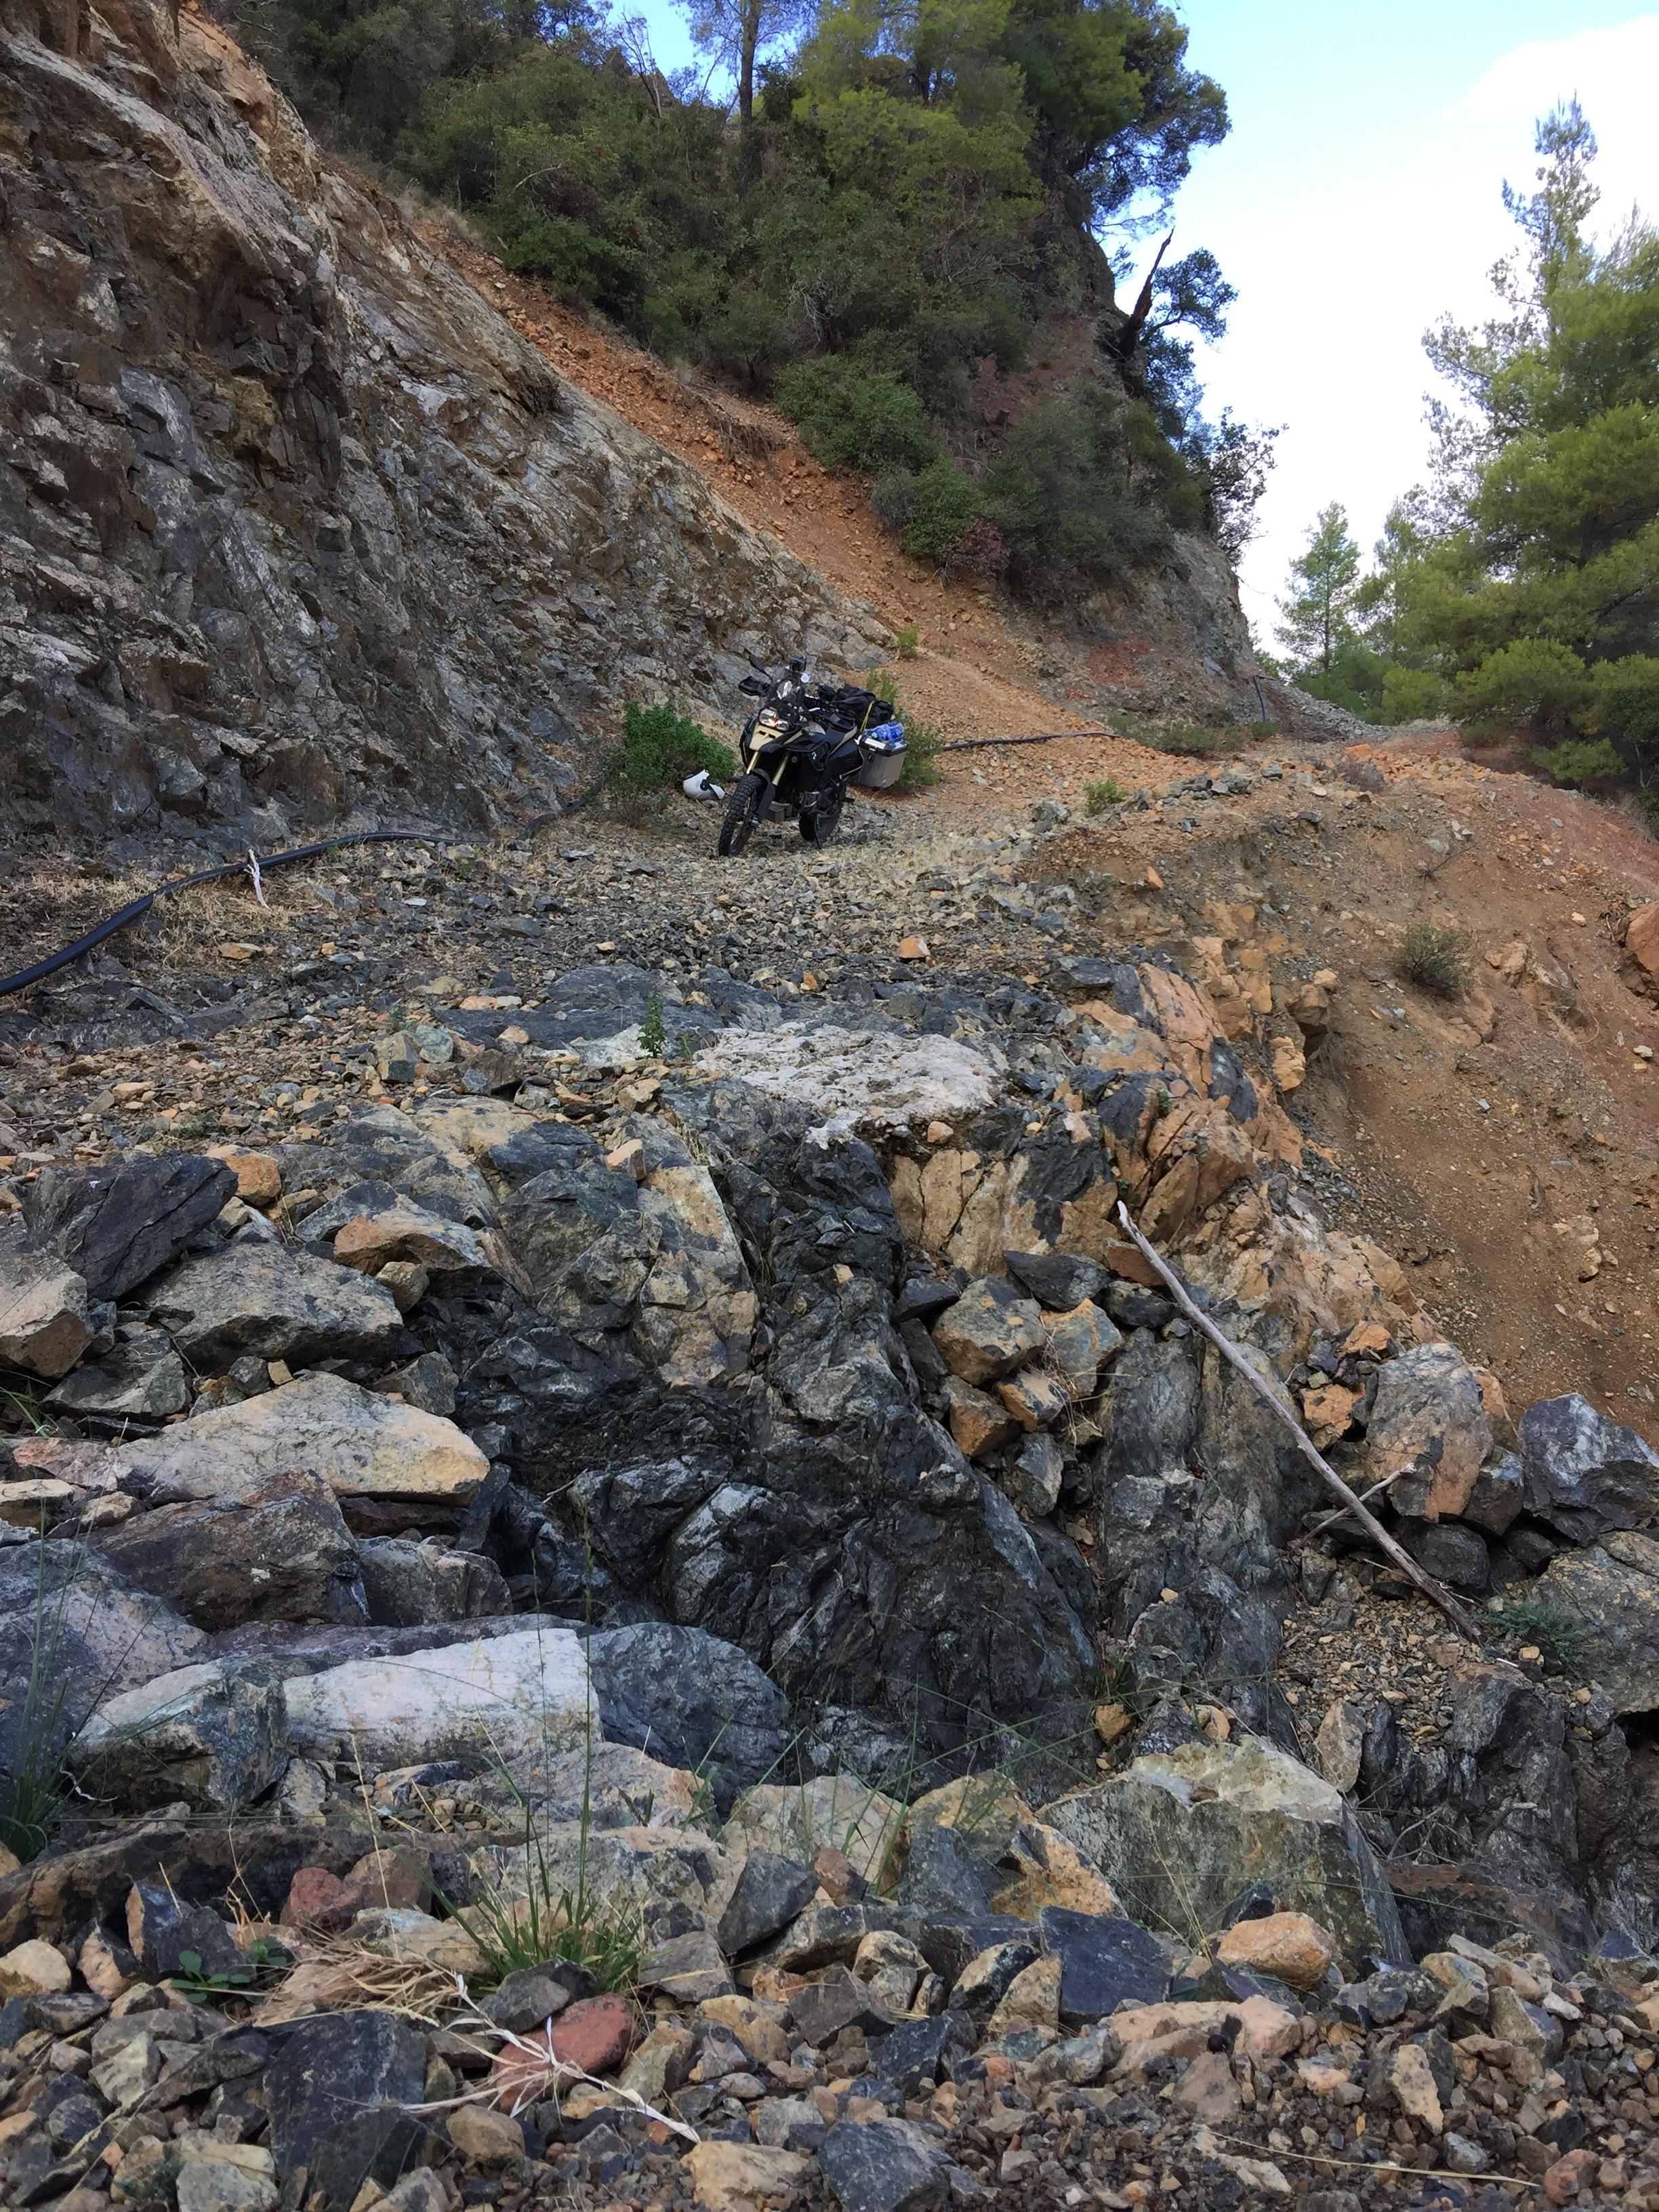 Grèce - Destination Météores par trail rando 161003041002690519